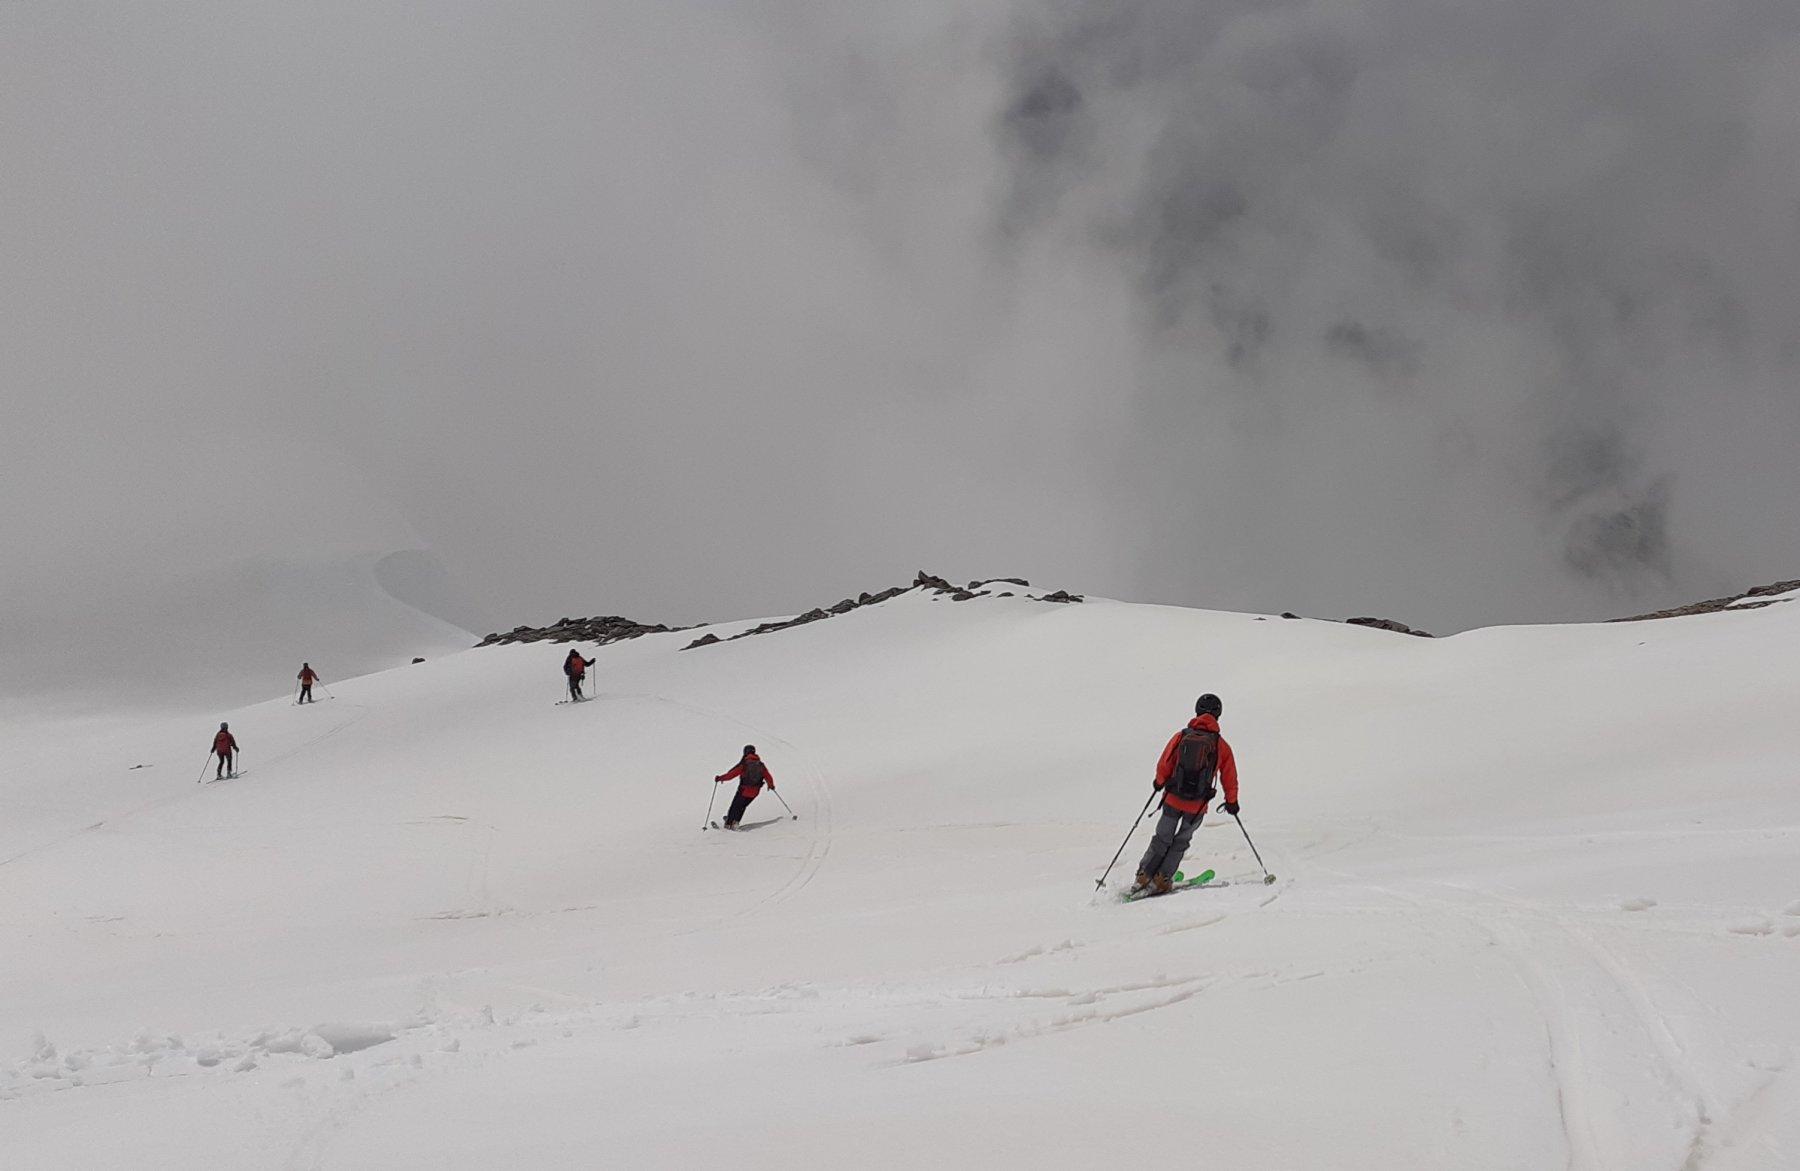 Nebbia e neve pesante scendendo dalla vetta